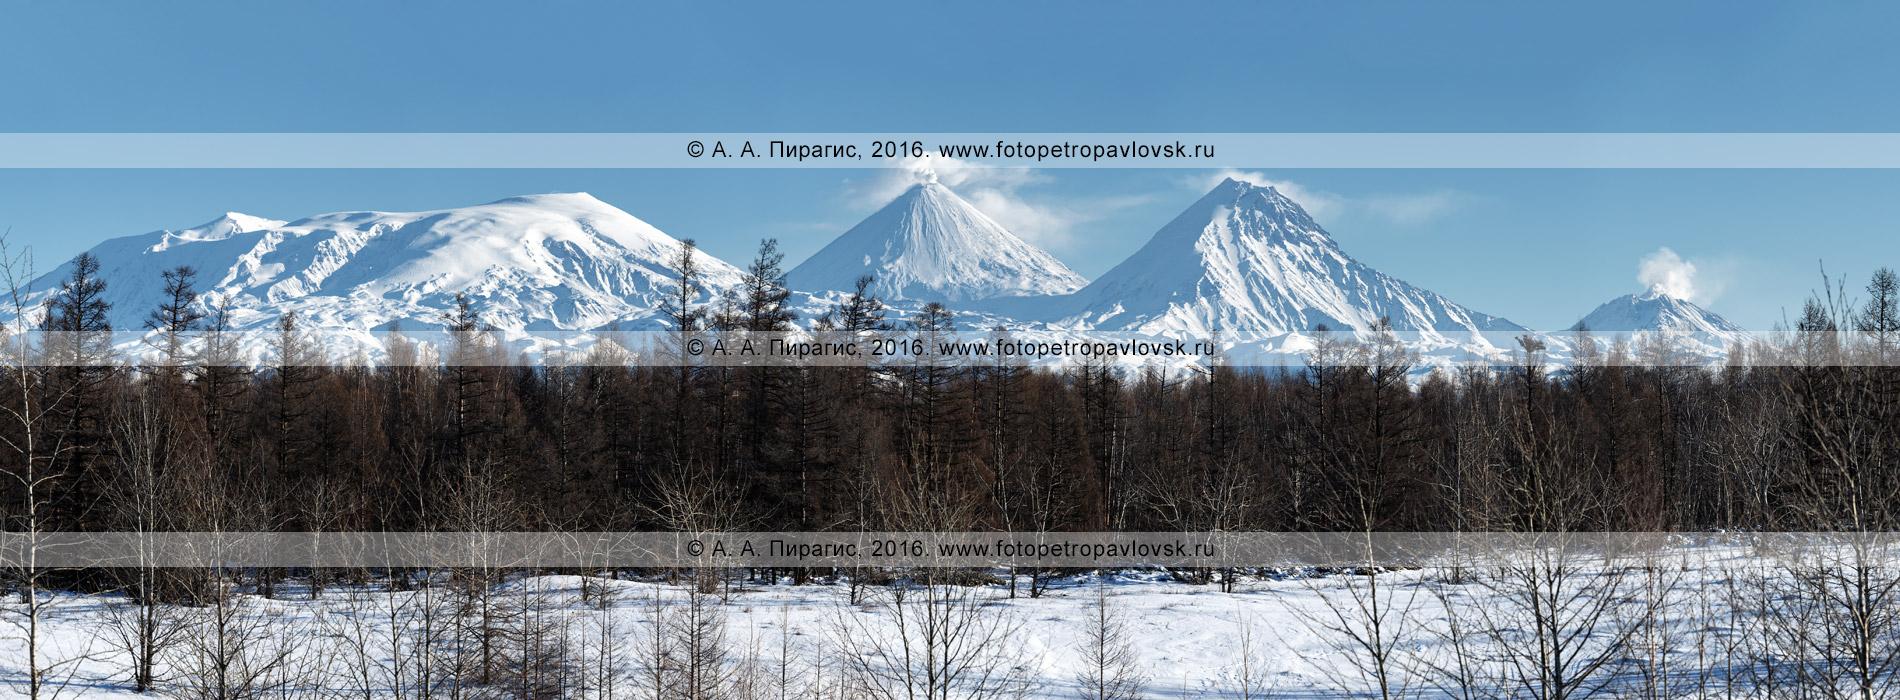 Фотография (панорама): Ключевская группа вулканов на полуострове Камчатка — вулкан Ушковский, вулкан Ключевской, вулкан Камень, вулкан Безымянный